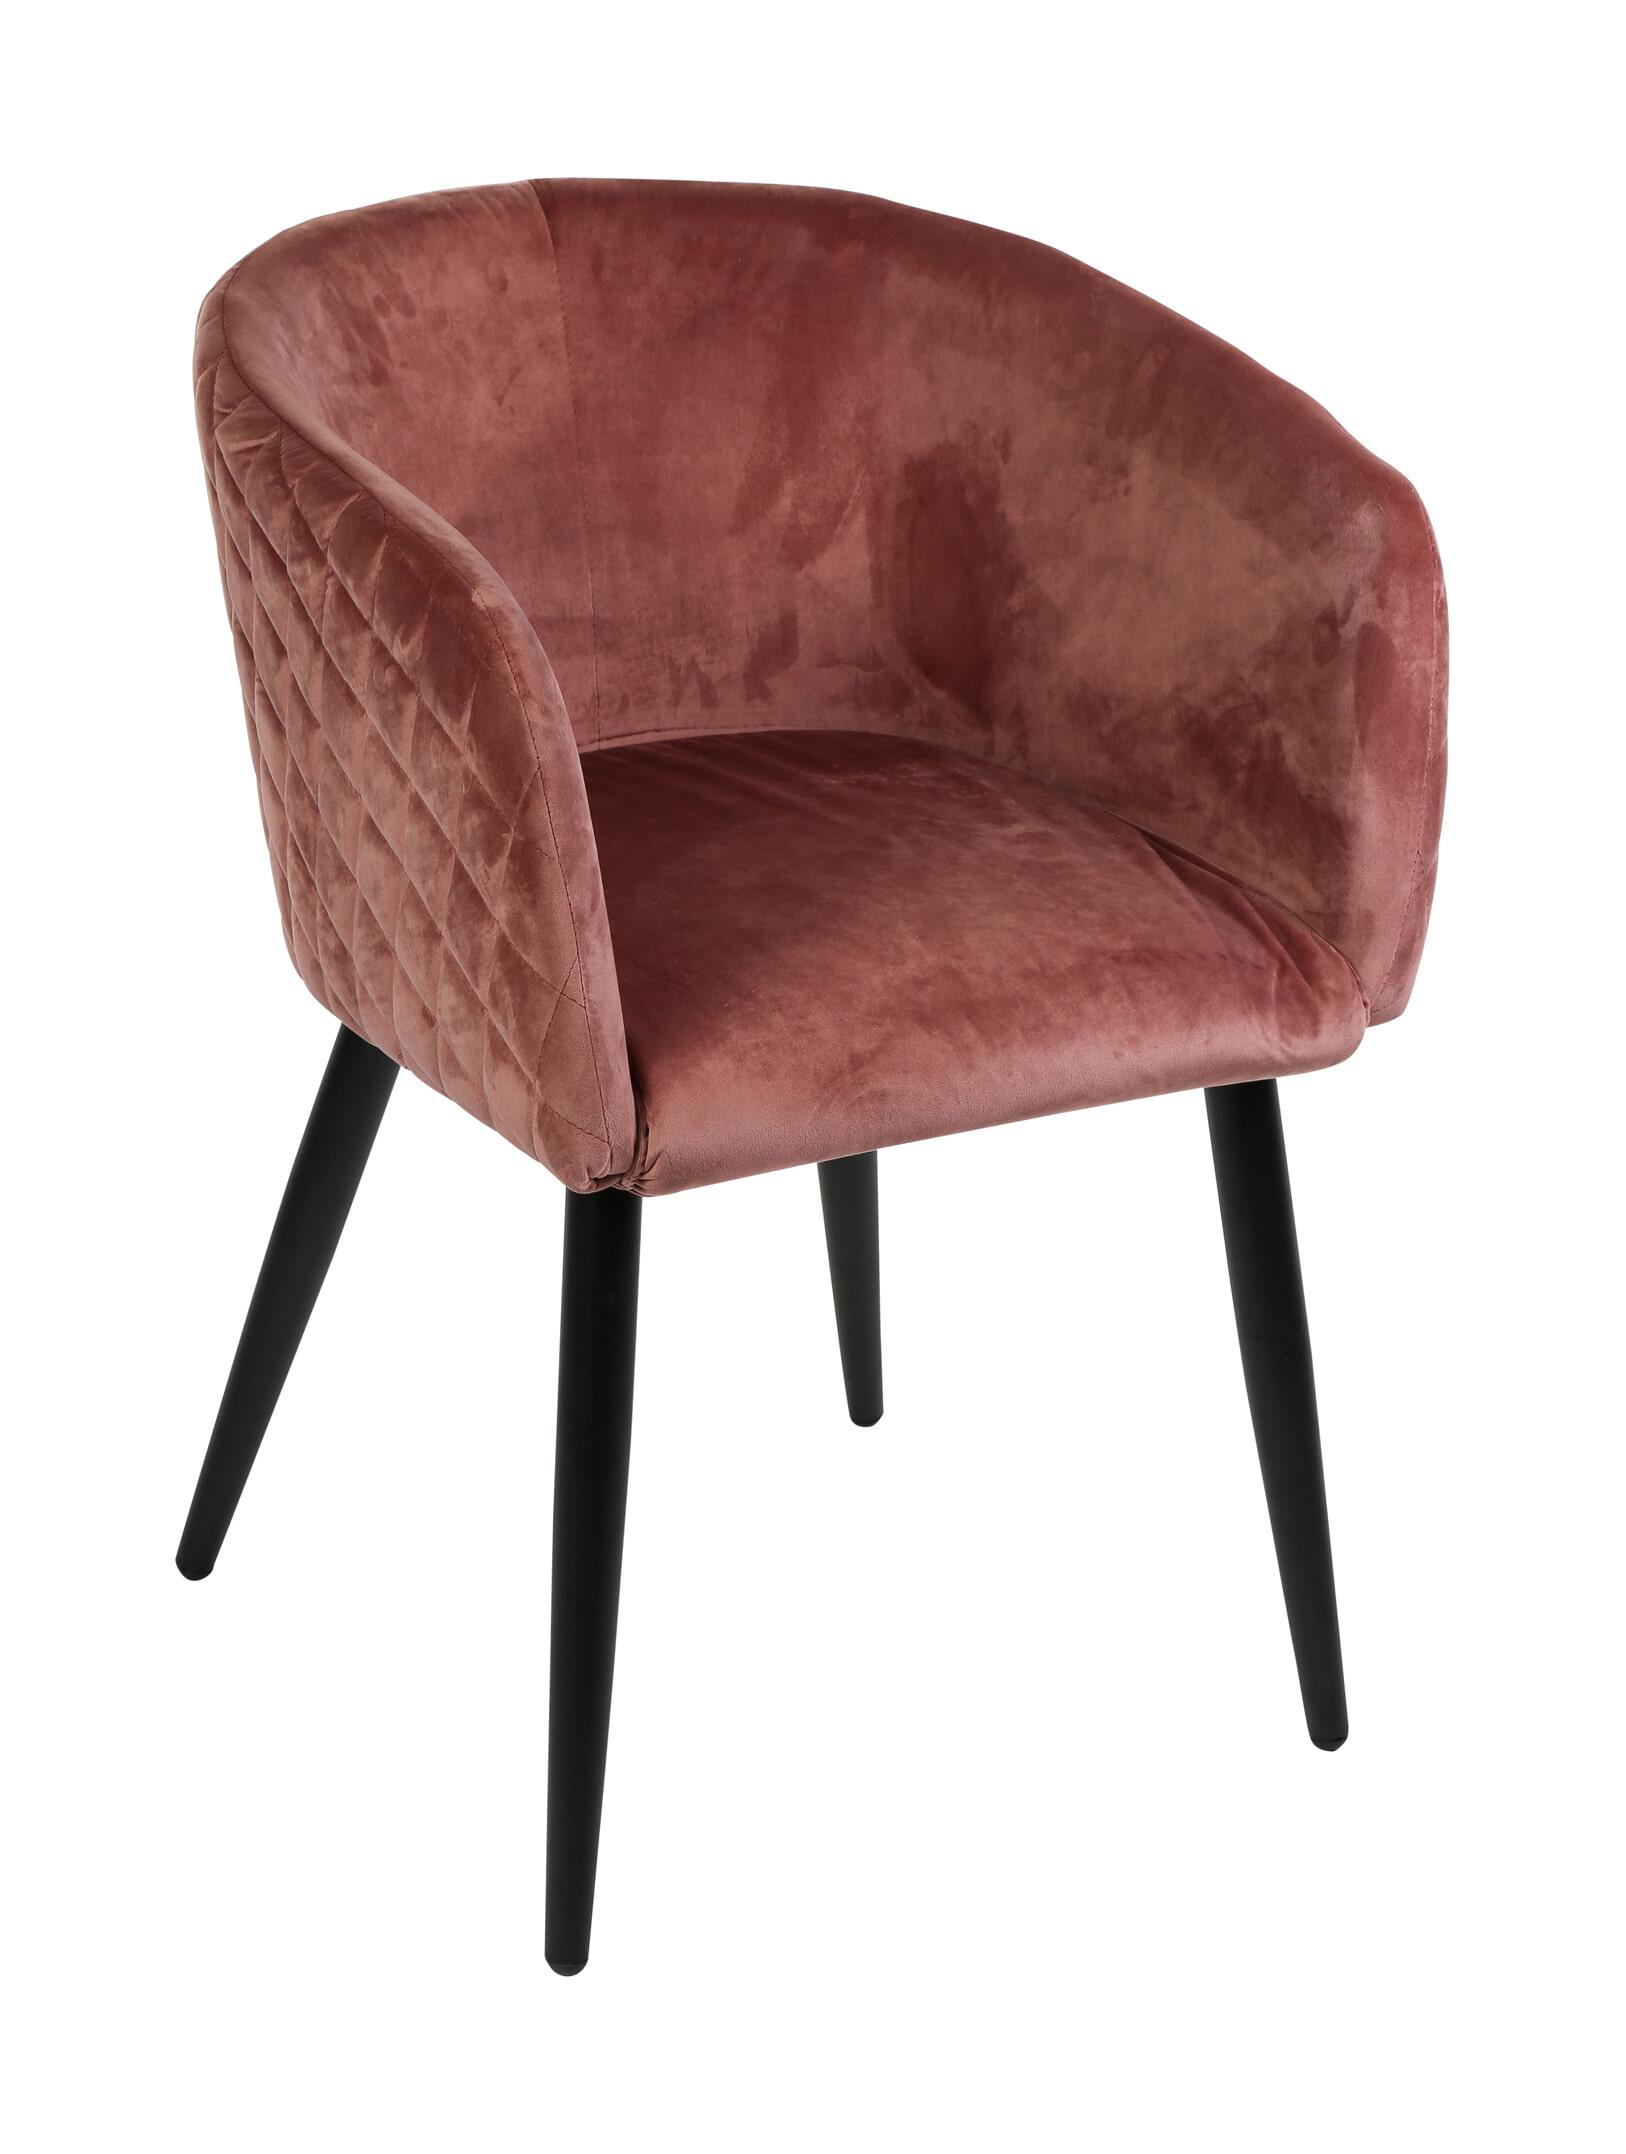 PTMD Eetkamerstoel 'Mace' Velvet, kleur Roze